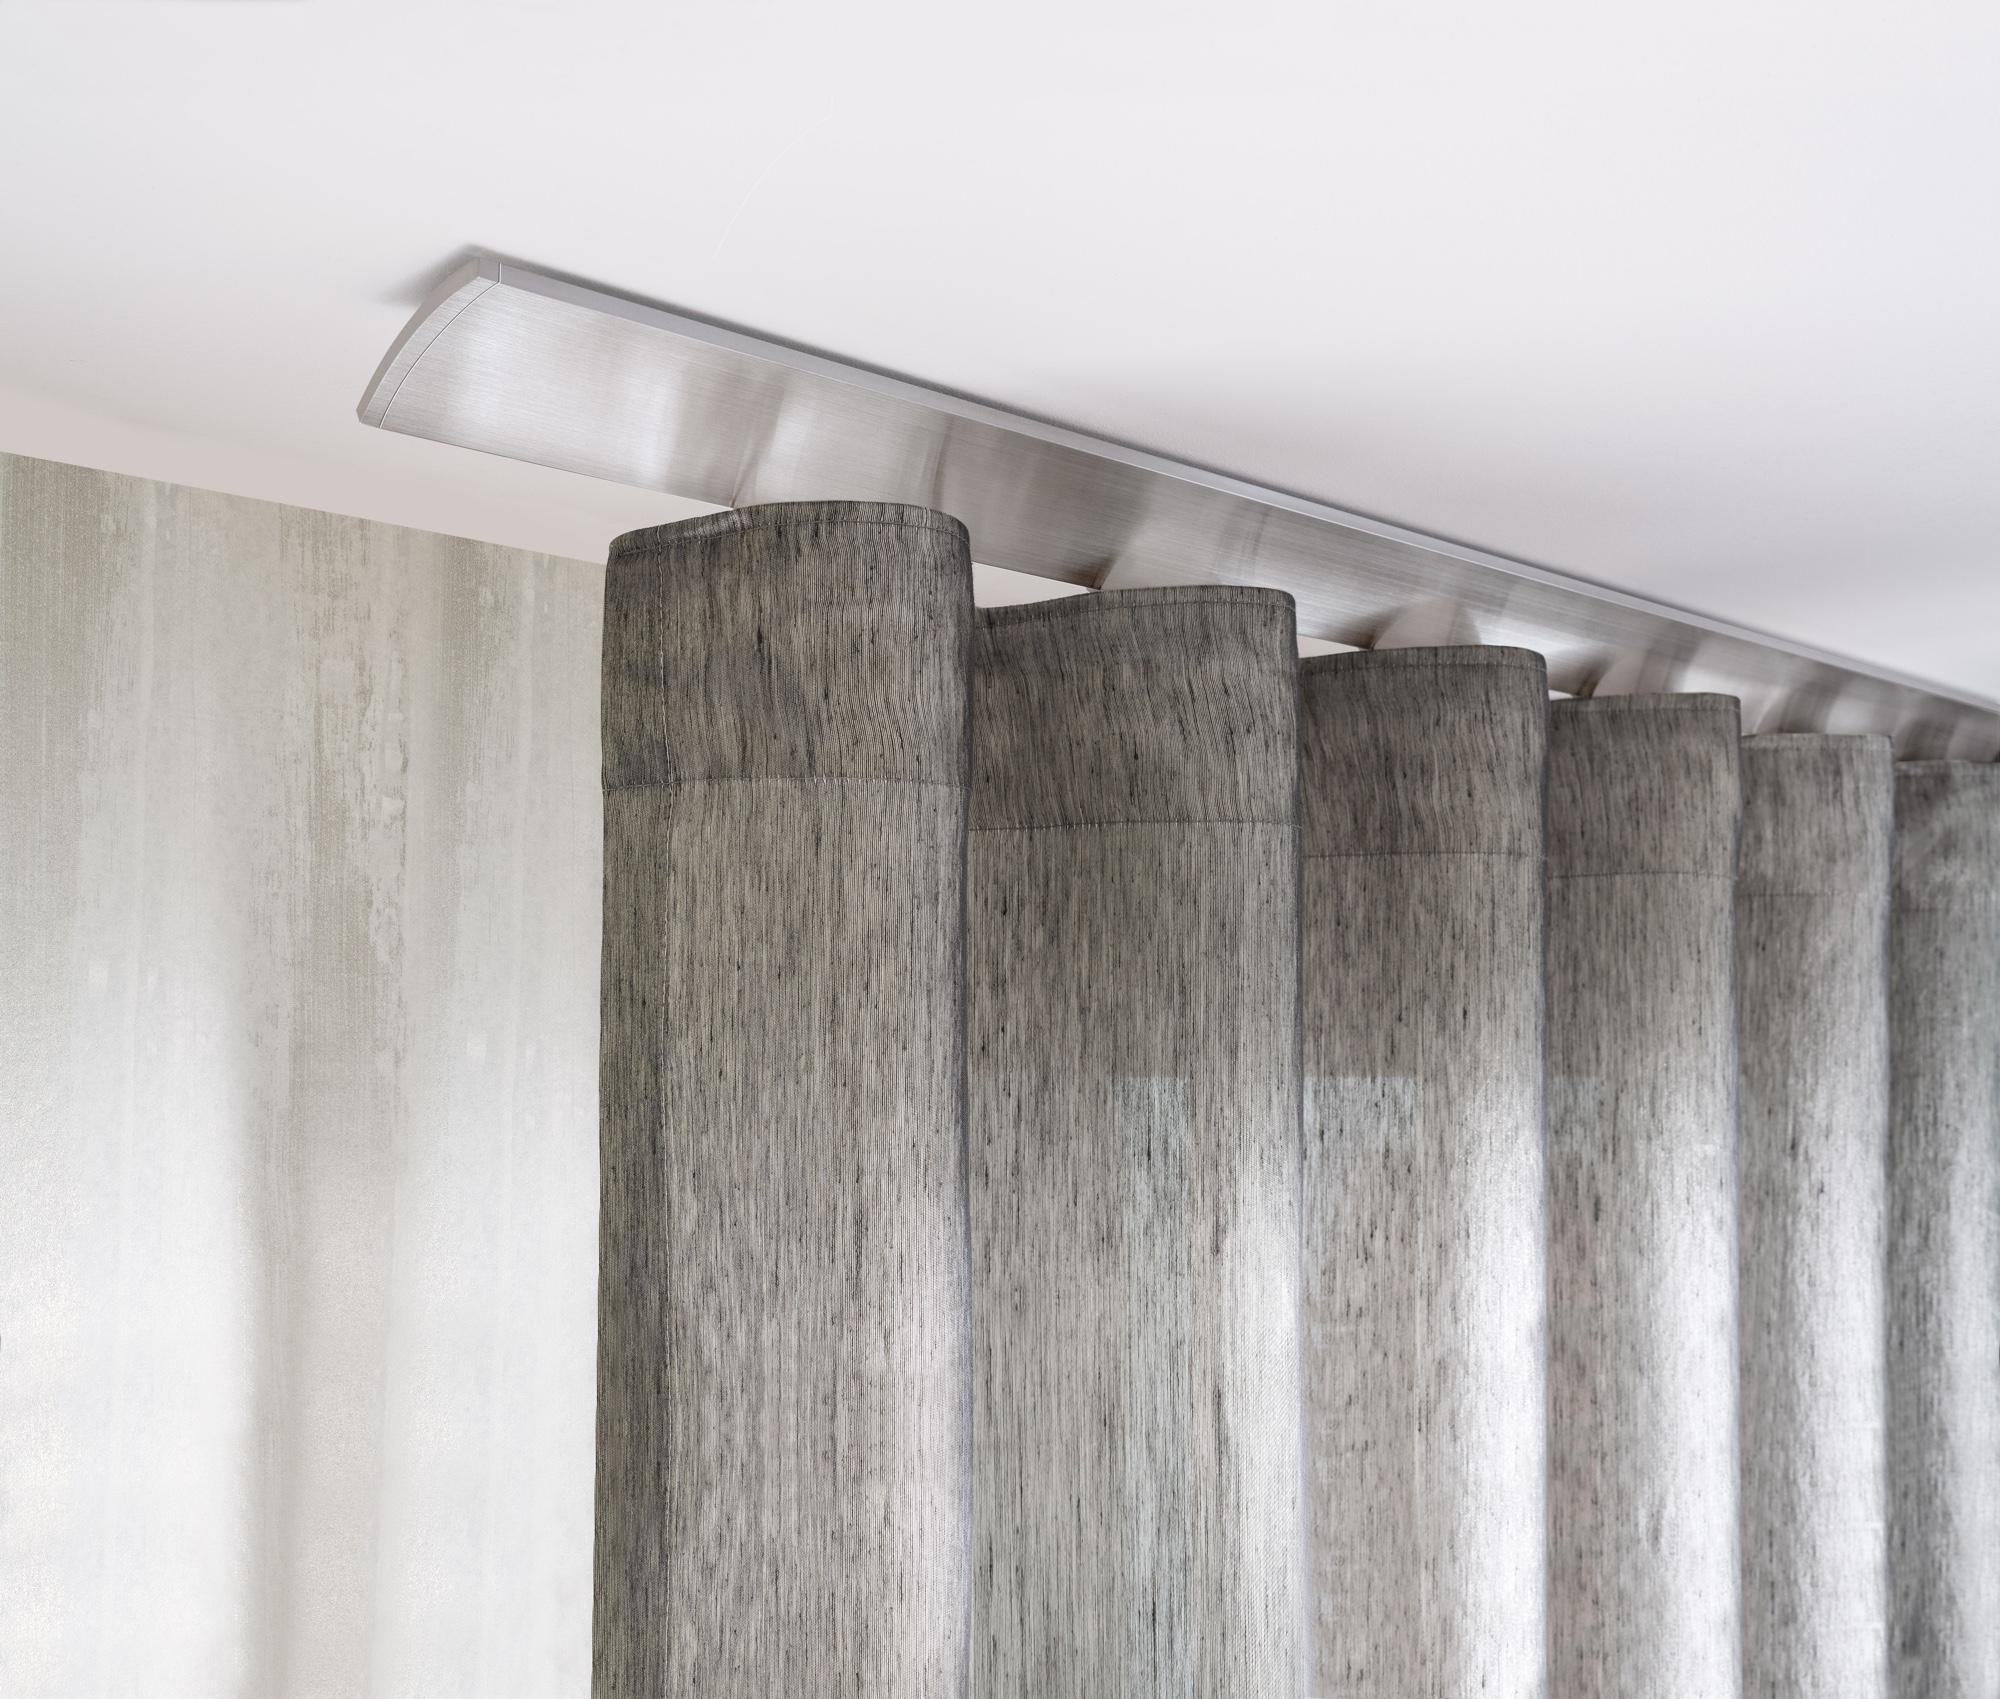 Full Size of Vorhänge Schiene Interstil W2 Deckenmontage In Farbe 79 Aluminium Magenau Schlafzimmer Wohnzimmer Küche Wohnzimmer Vorhänge Schiene